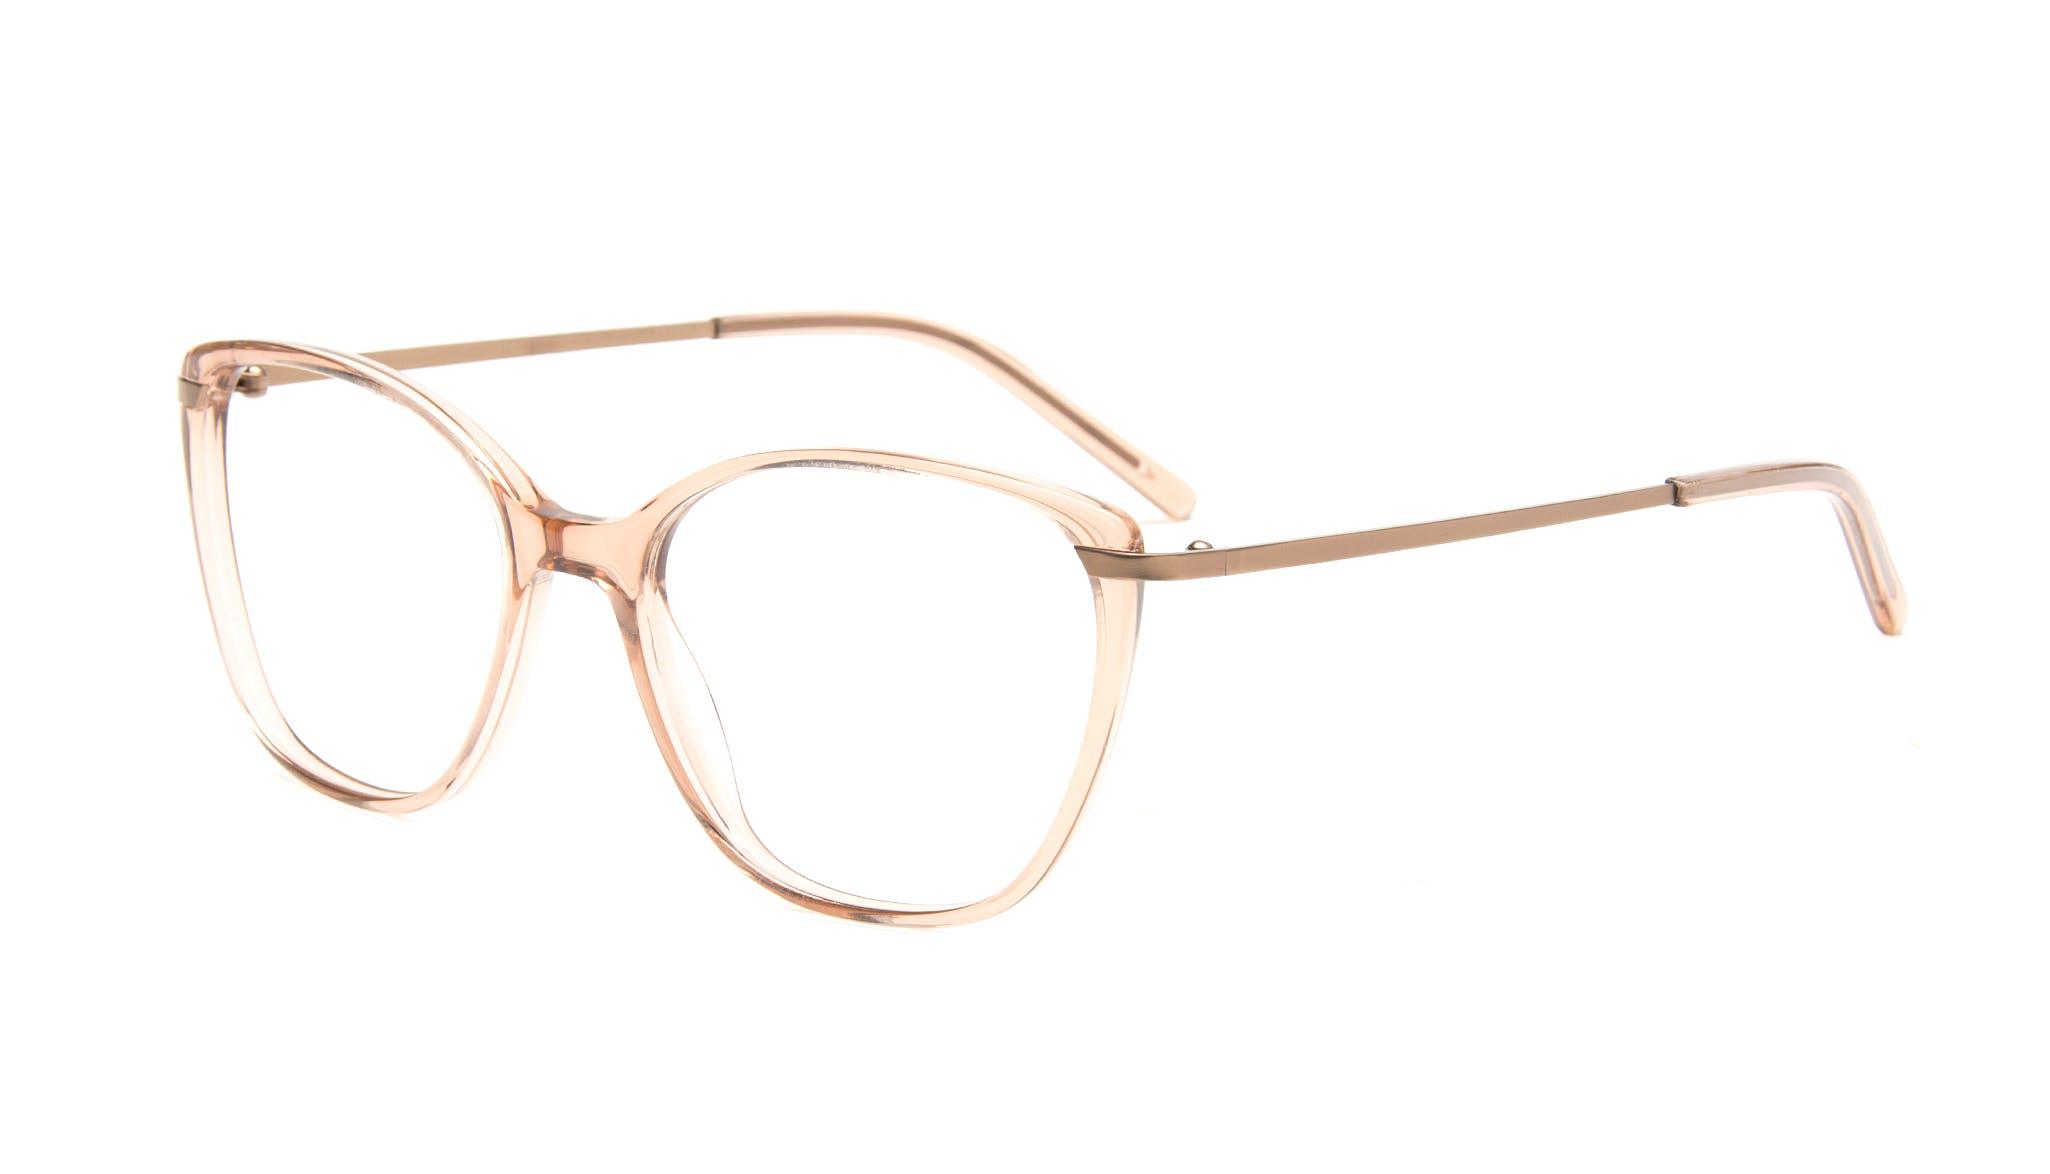 Lunettes tendance Oeil de chat Rectangle Carrée Lunettes de vue Femmes Illusion Rose Incliné